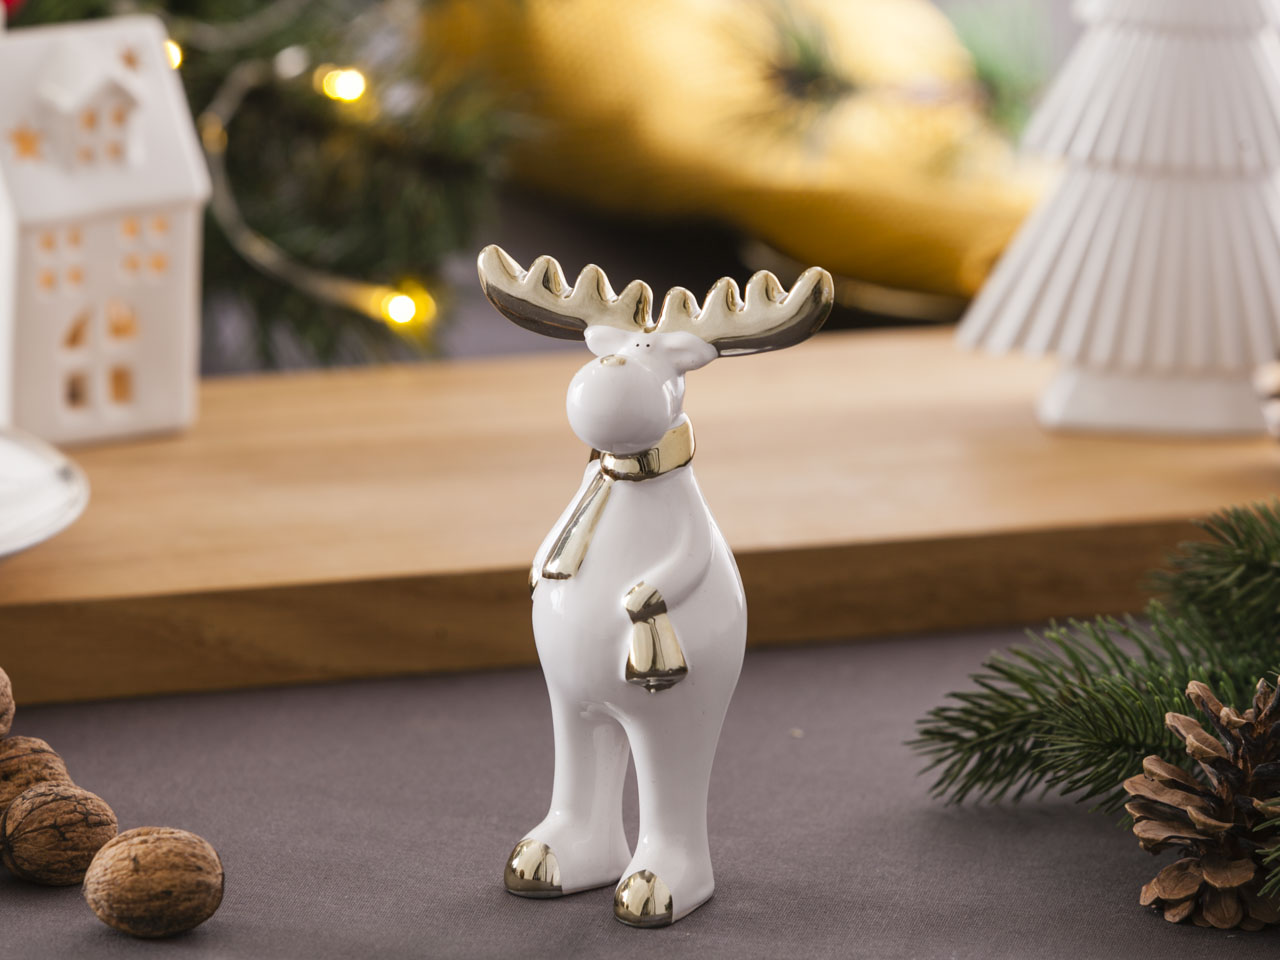 Ozdoba / figurka / dekoracja świąteczna Boże Narodzenie Altom Design renifer biały ze złotem stojący 9x5,5x15,5 cm